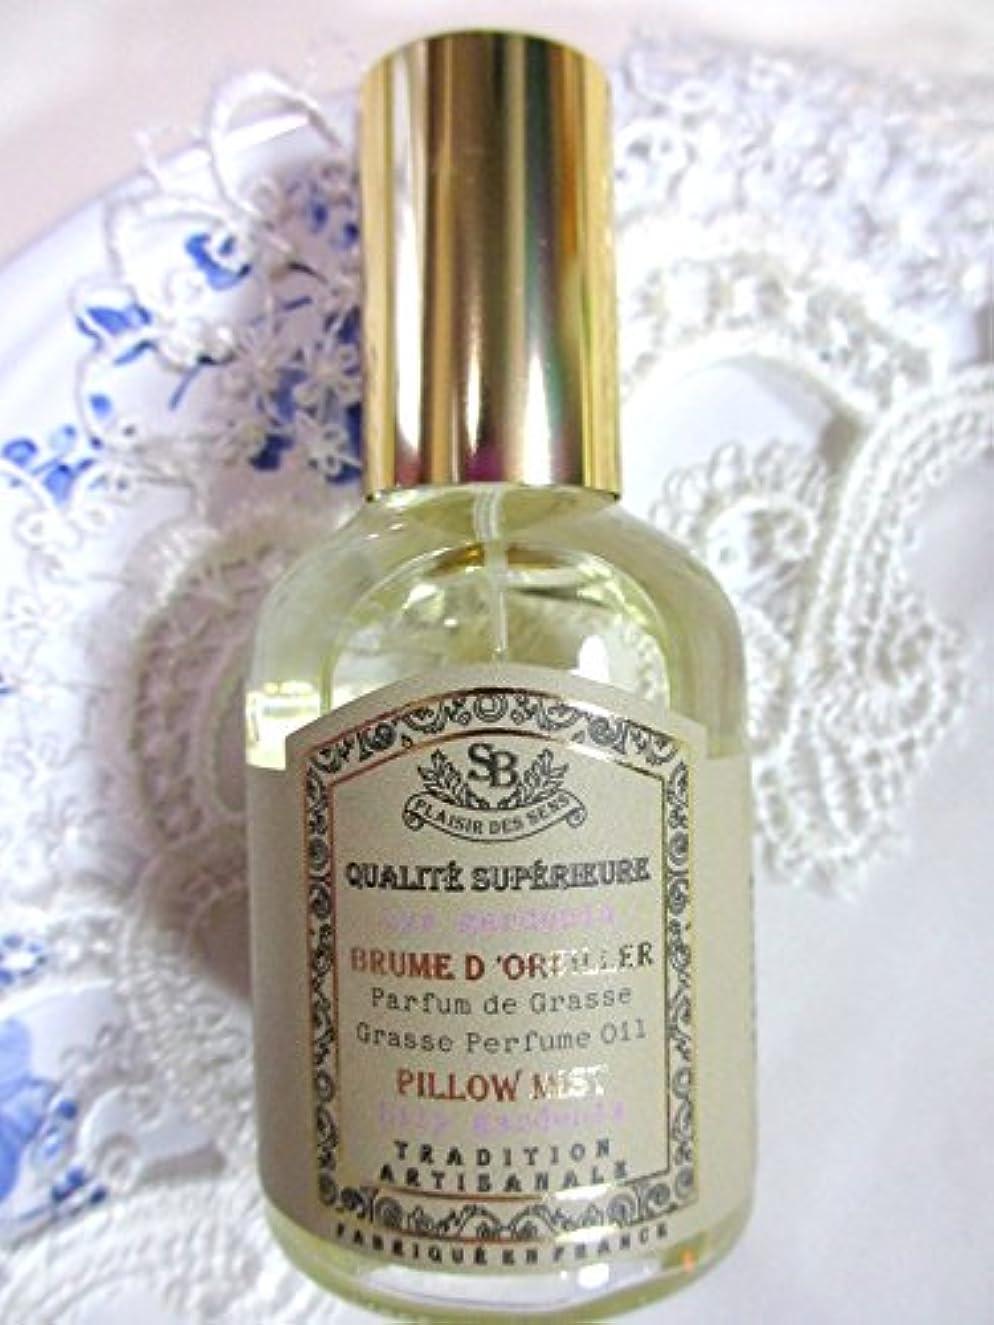 描写夕食を食べるパノラマSenteur et Beaute(サンタールエボーテ) French classic(フレンチクラシックシリーズ) ピローミスト 50ml 「リリーガーデニア」 4994228024367